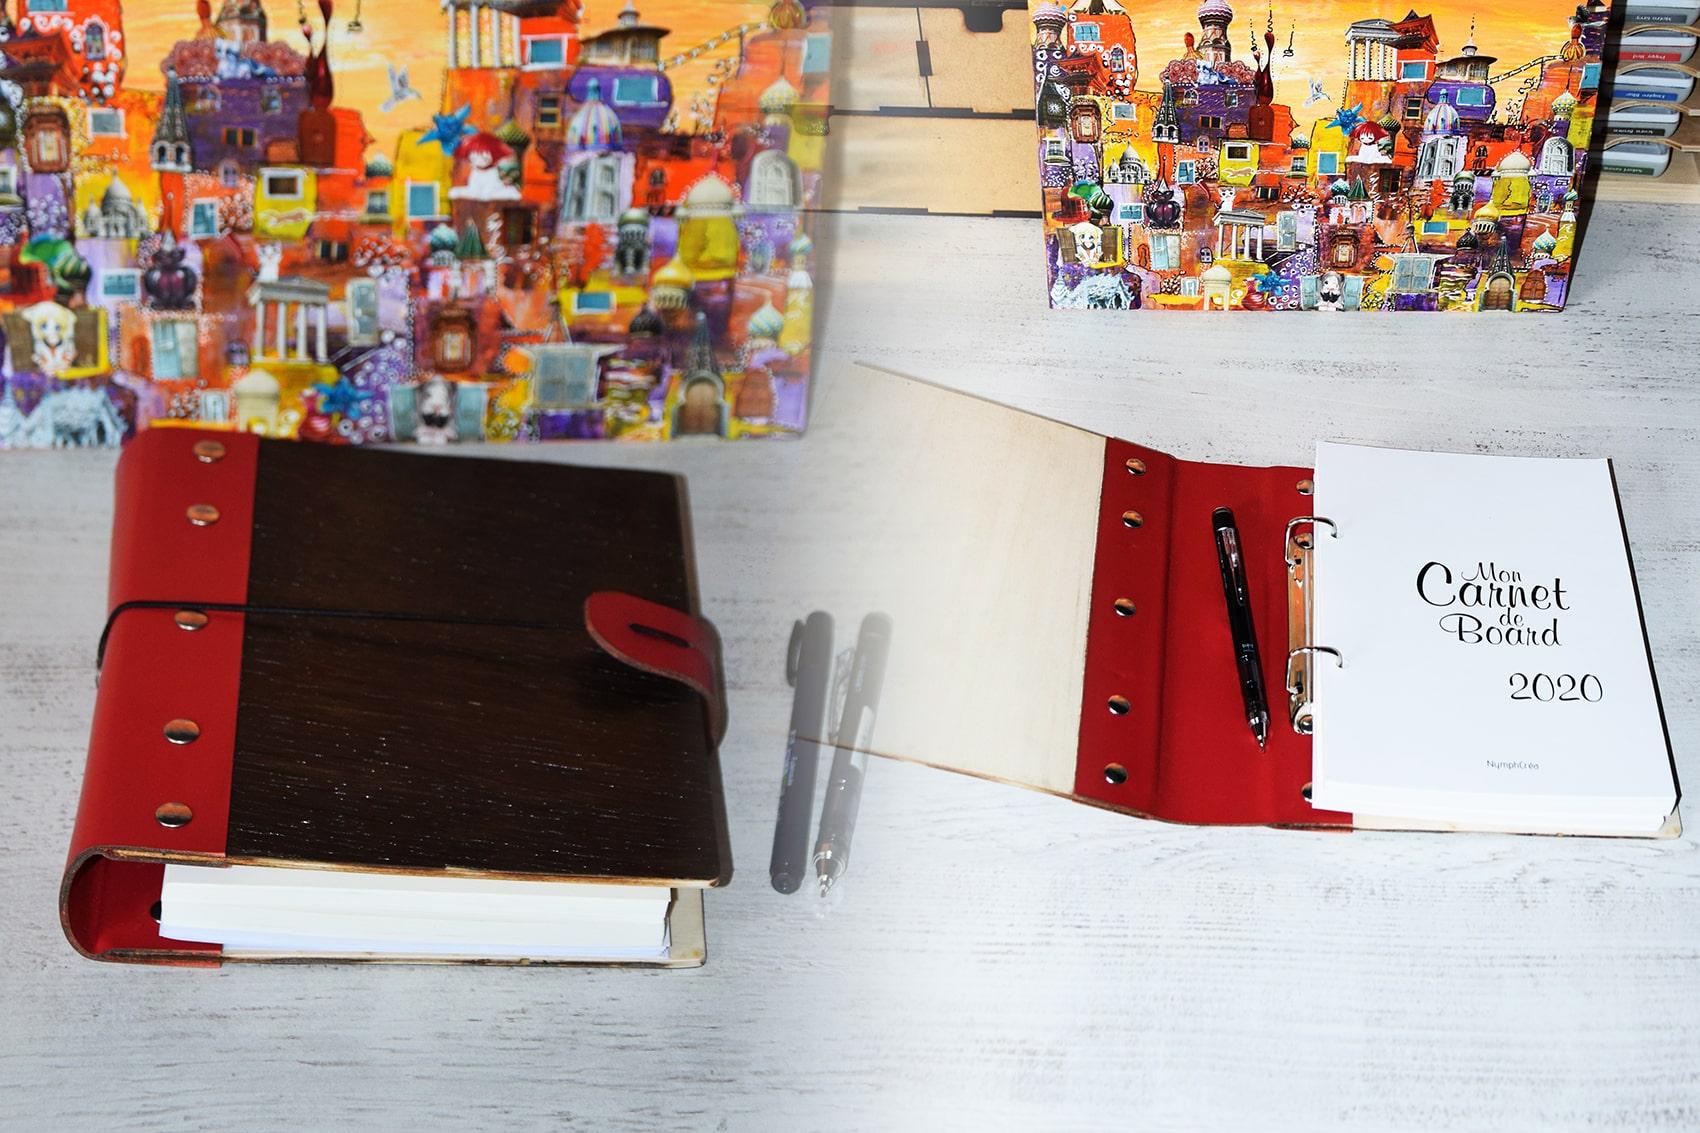 Carnet de Bord et son classeur en bois et cuir bullet journal